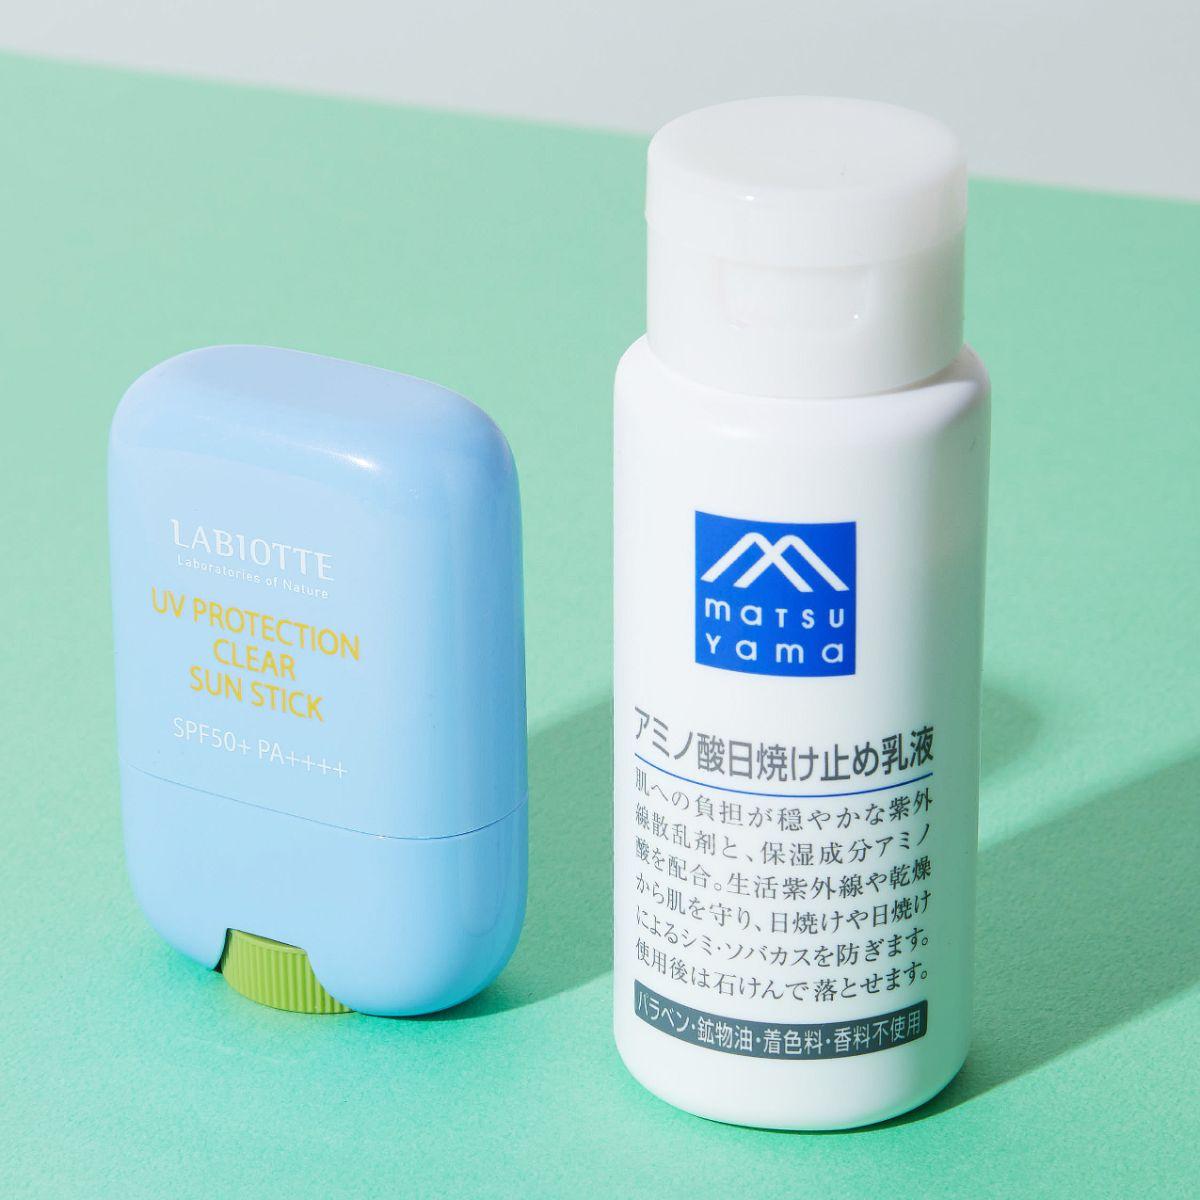 日焼け止めの種類と塗り方・おすすめ商品10選紹介の画像